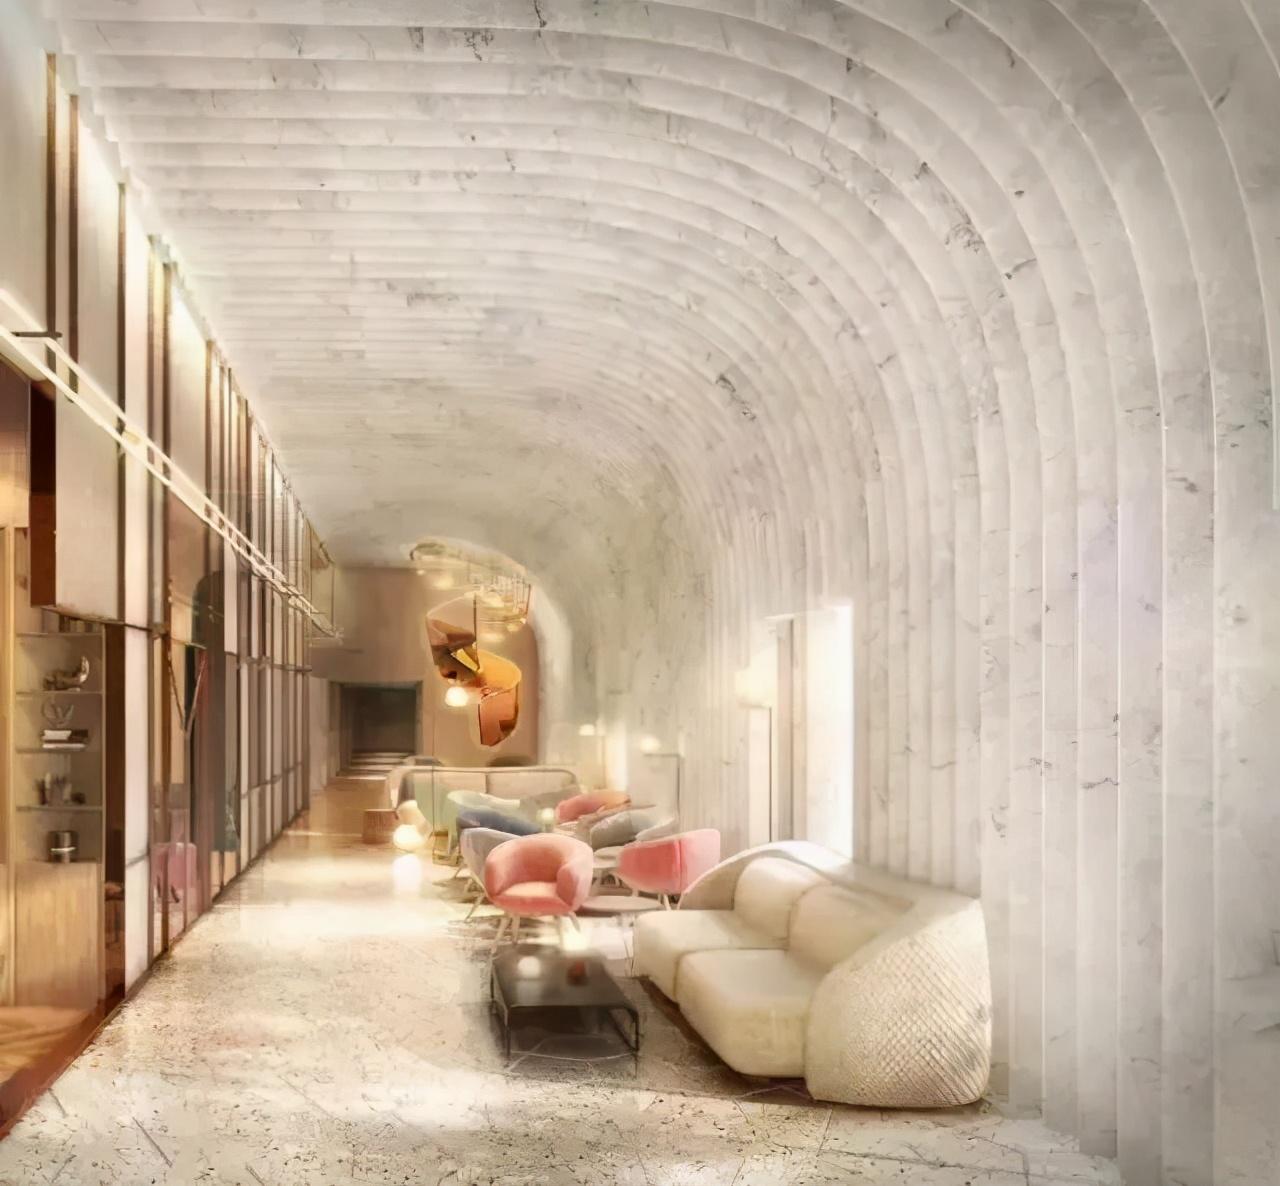 「泰国转售」曼谷公寓 XT Huaikhwang